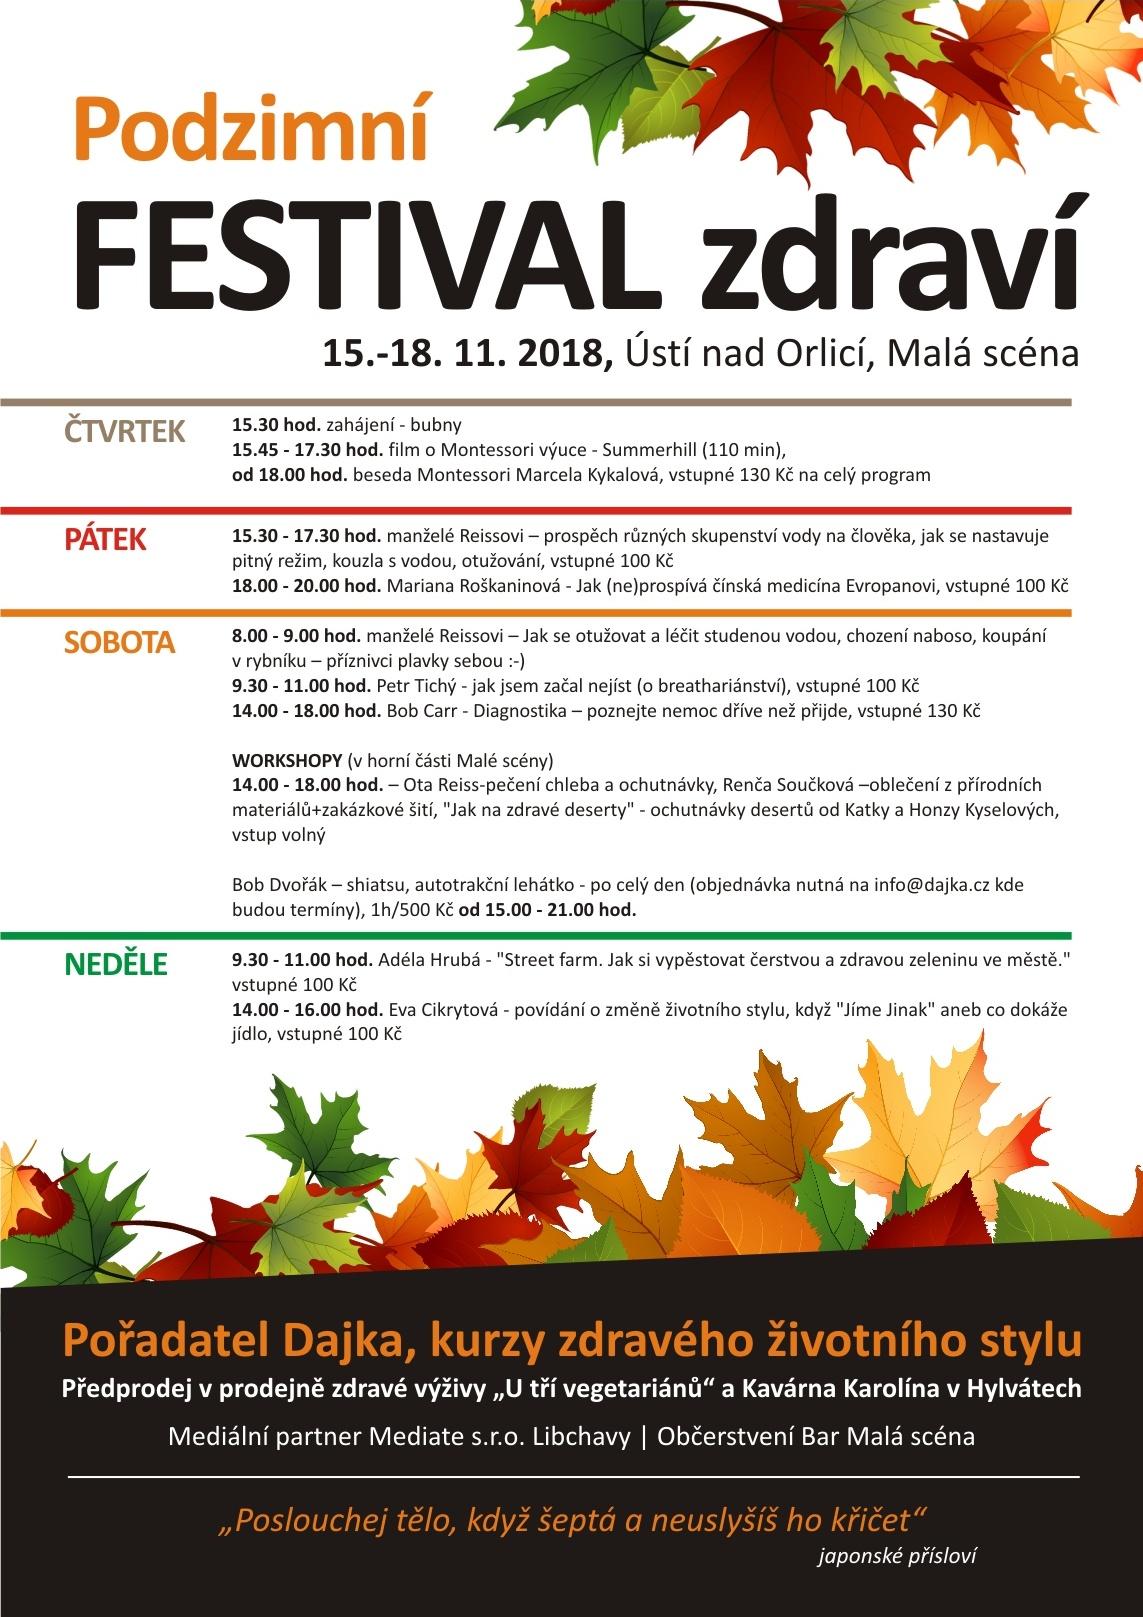 Podzimní festival zdraví